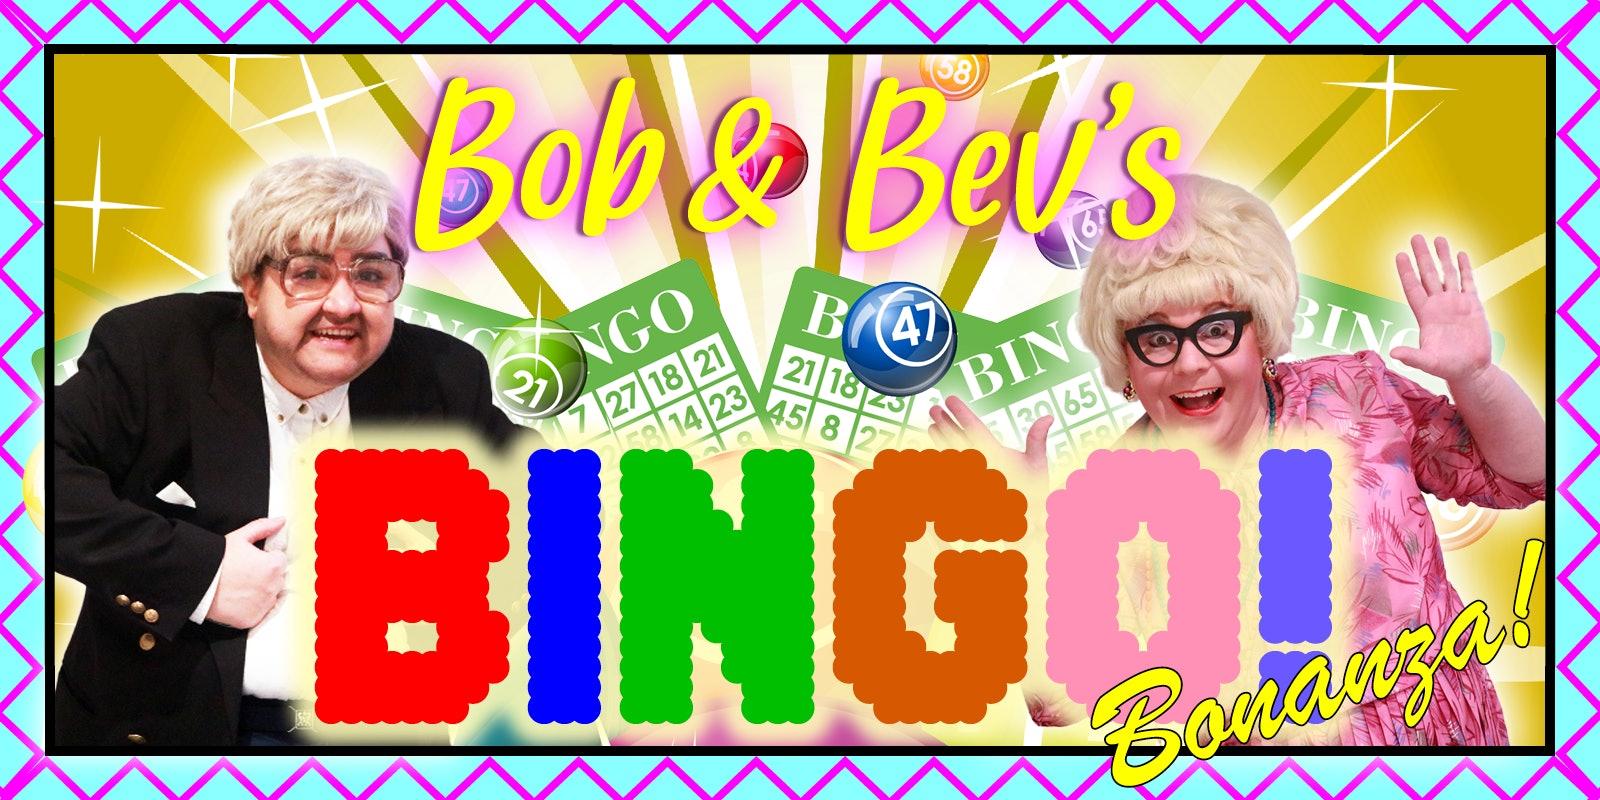 Bob & Bev's Bingo Bonanza